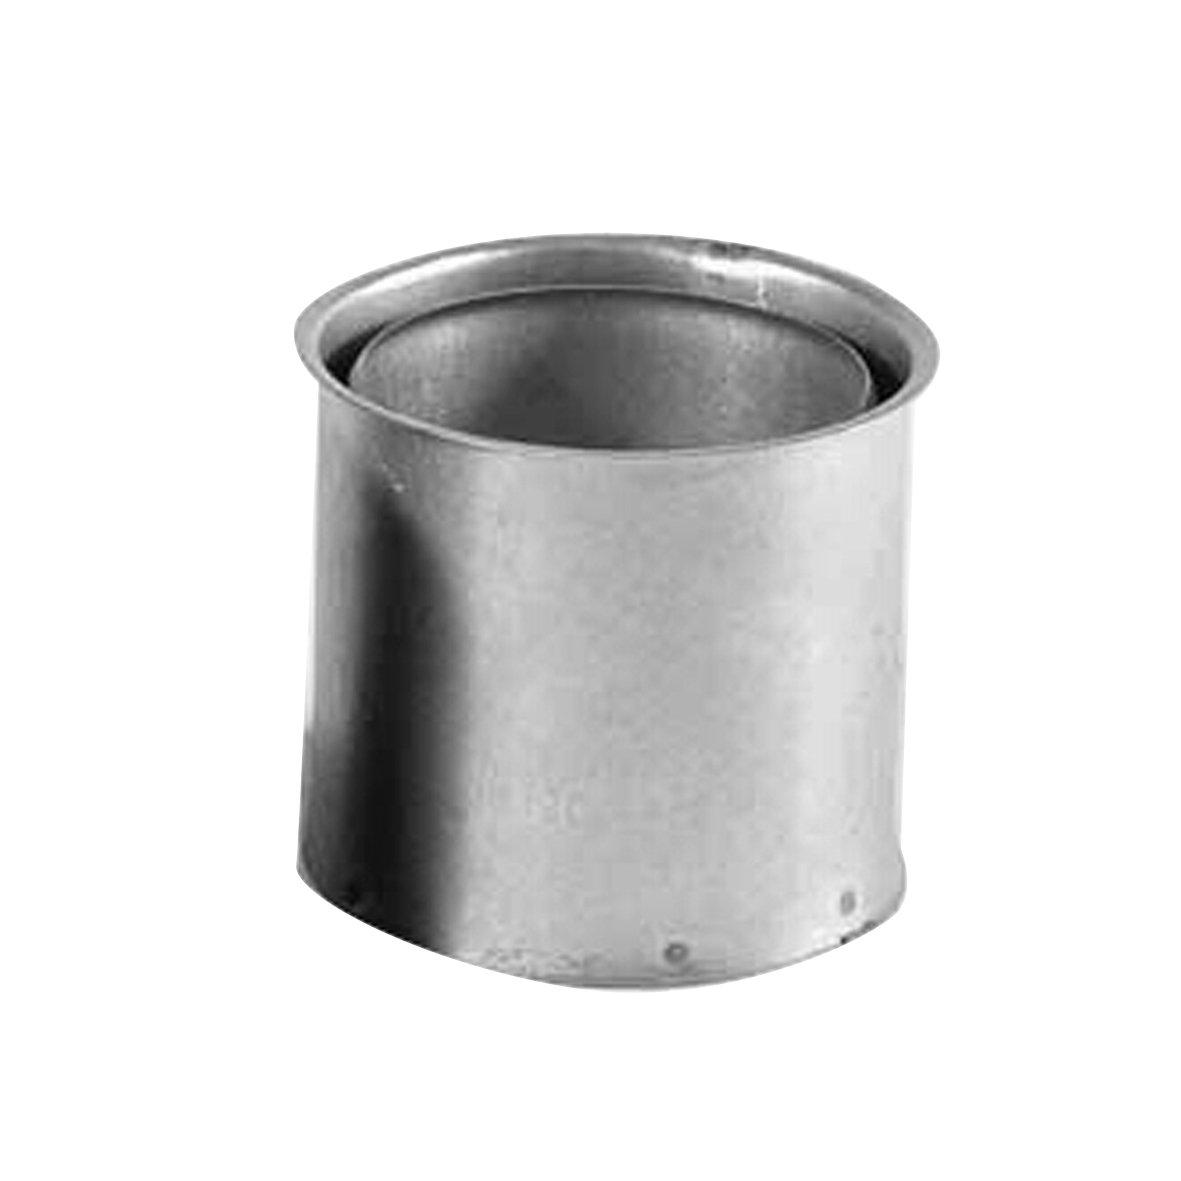 ... Tubo doble pared forro , Doble pared forro para estufa de leña, chimeneas y hornos de leña - acero resistente a altas temperaturas - Gris, Ø 100 mm: ...